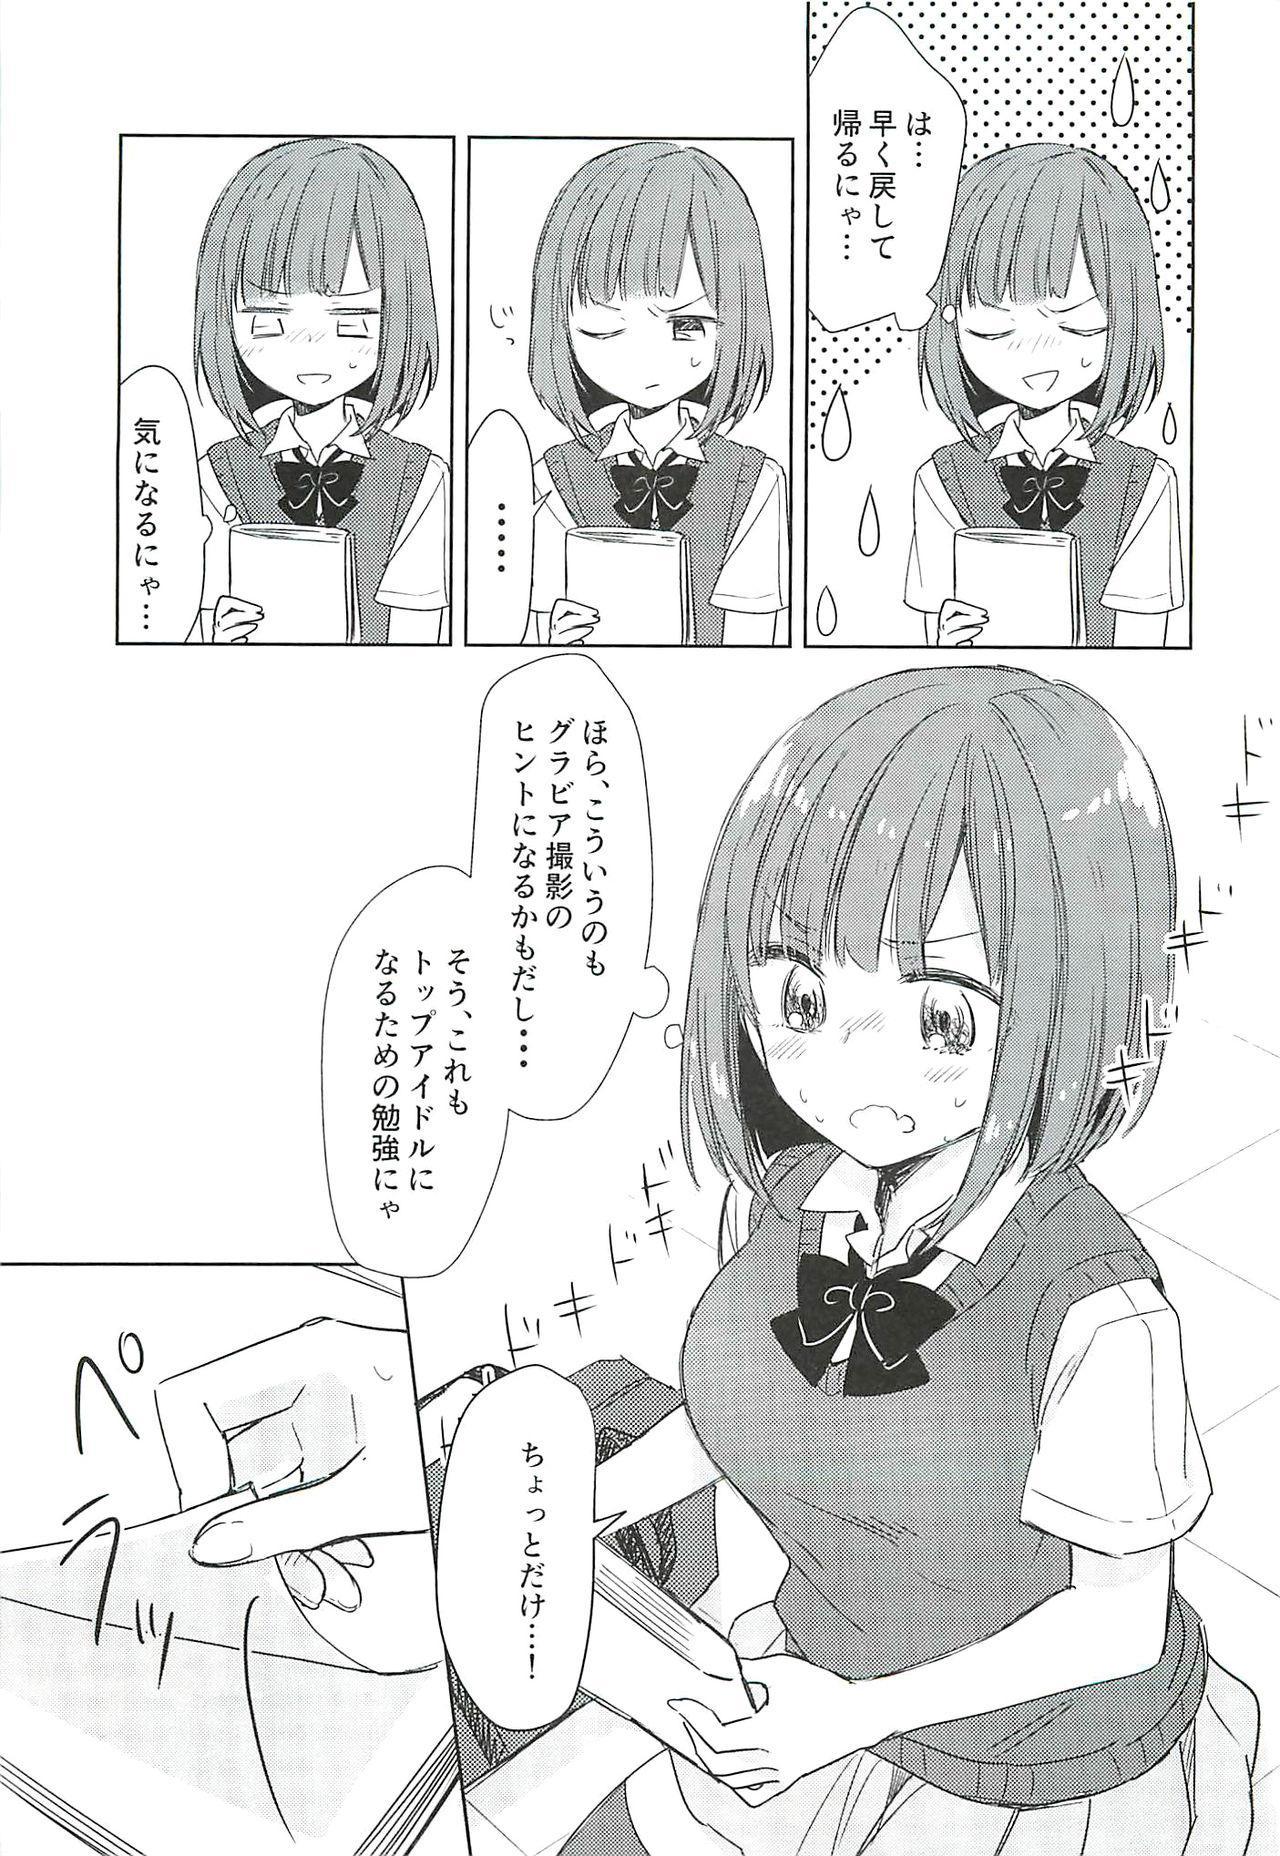 Maekawa-san no Houkago Jijou 5